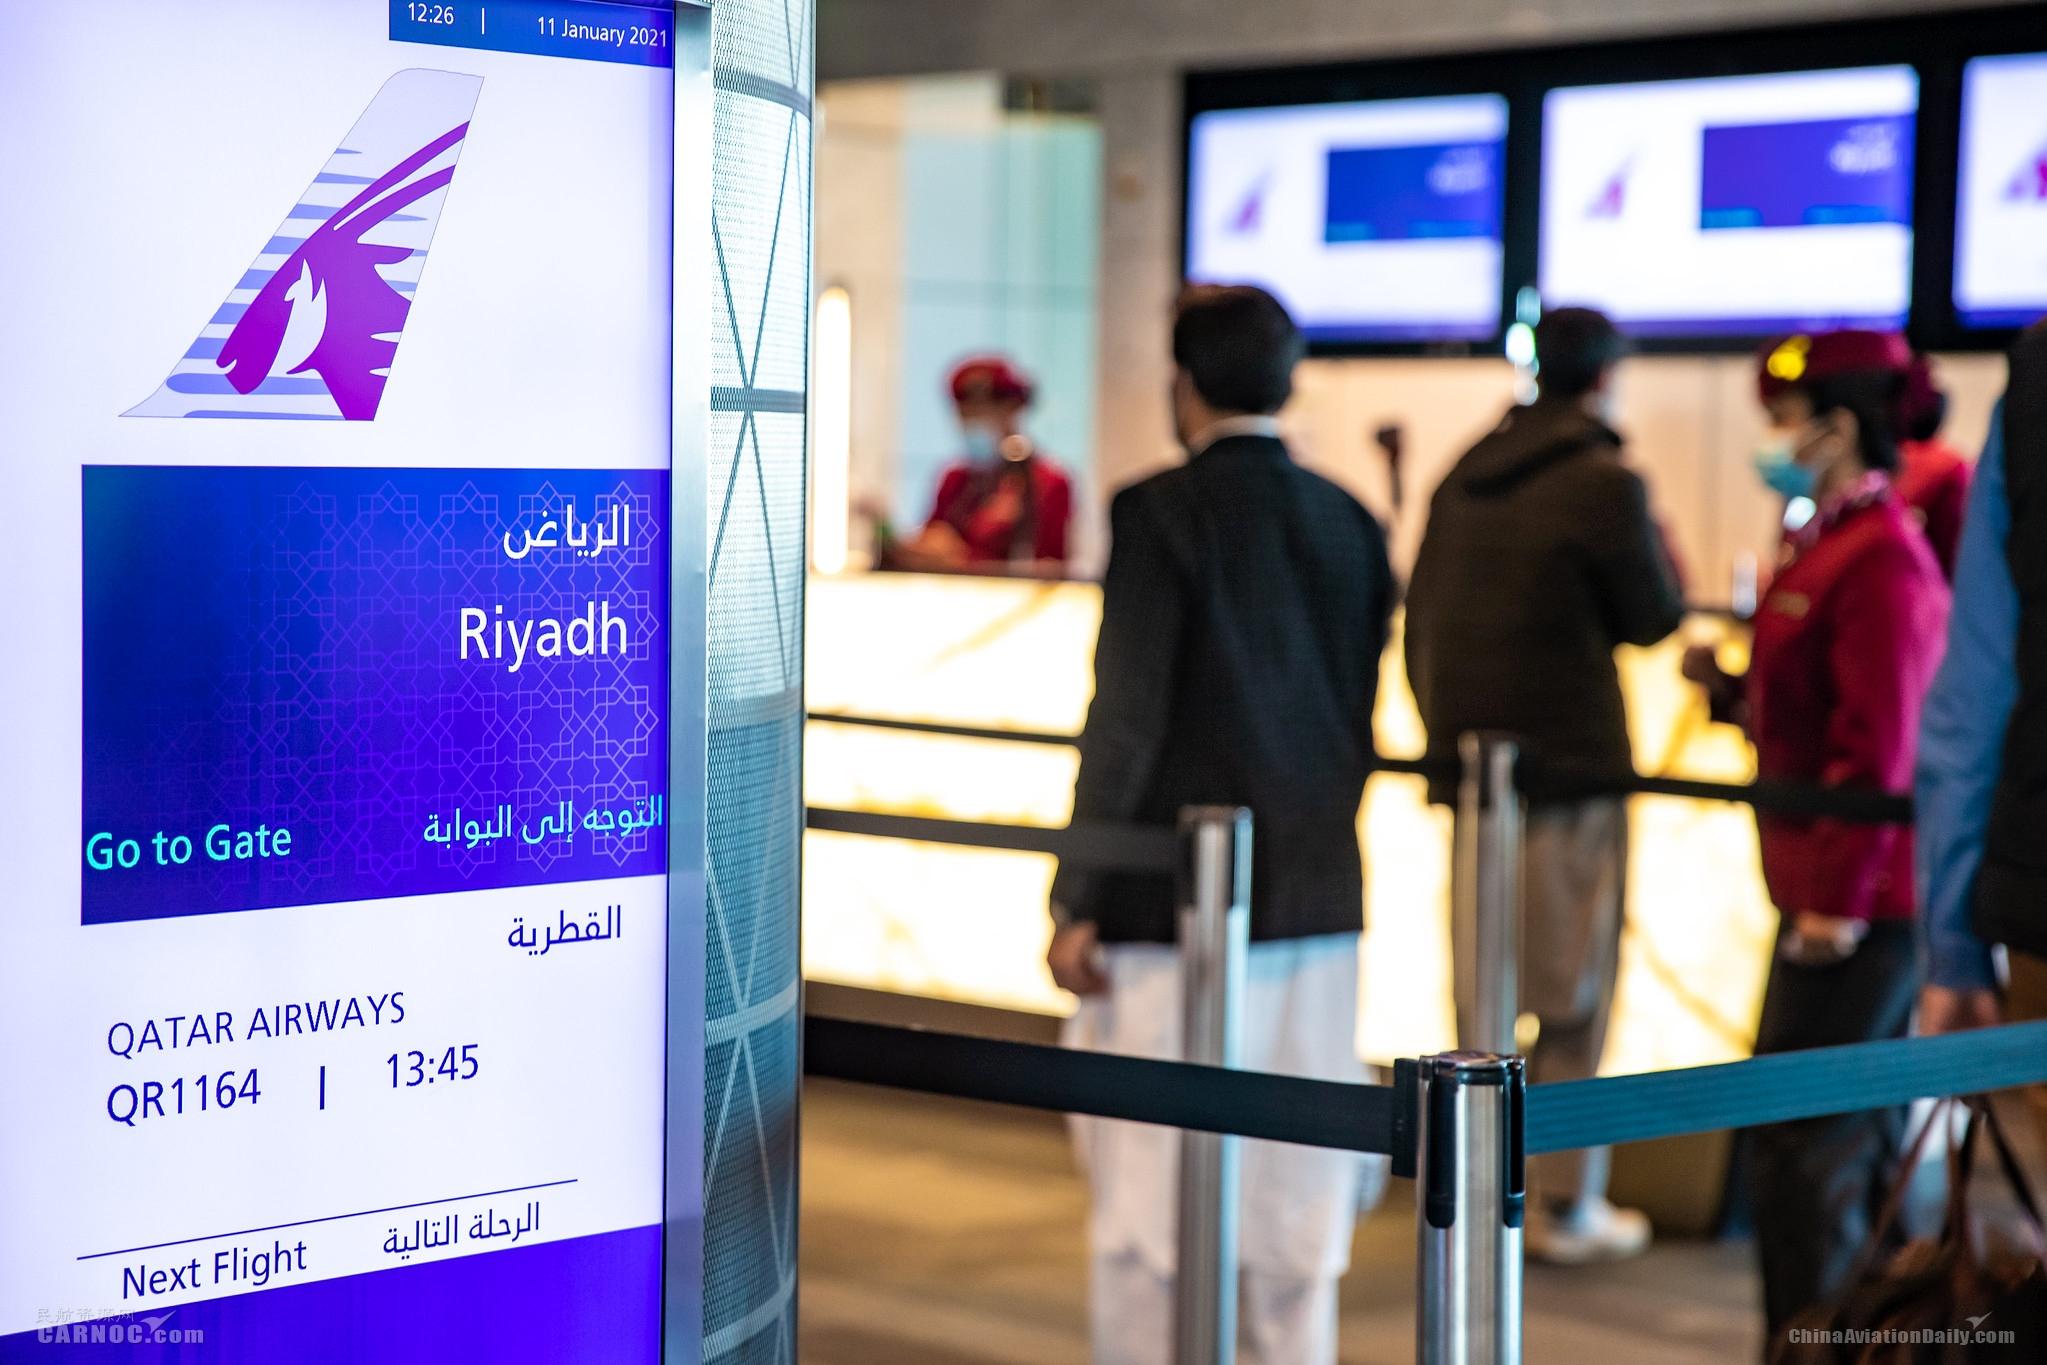 卡塔尔航空恢复飞往利雅得的航班